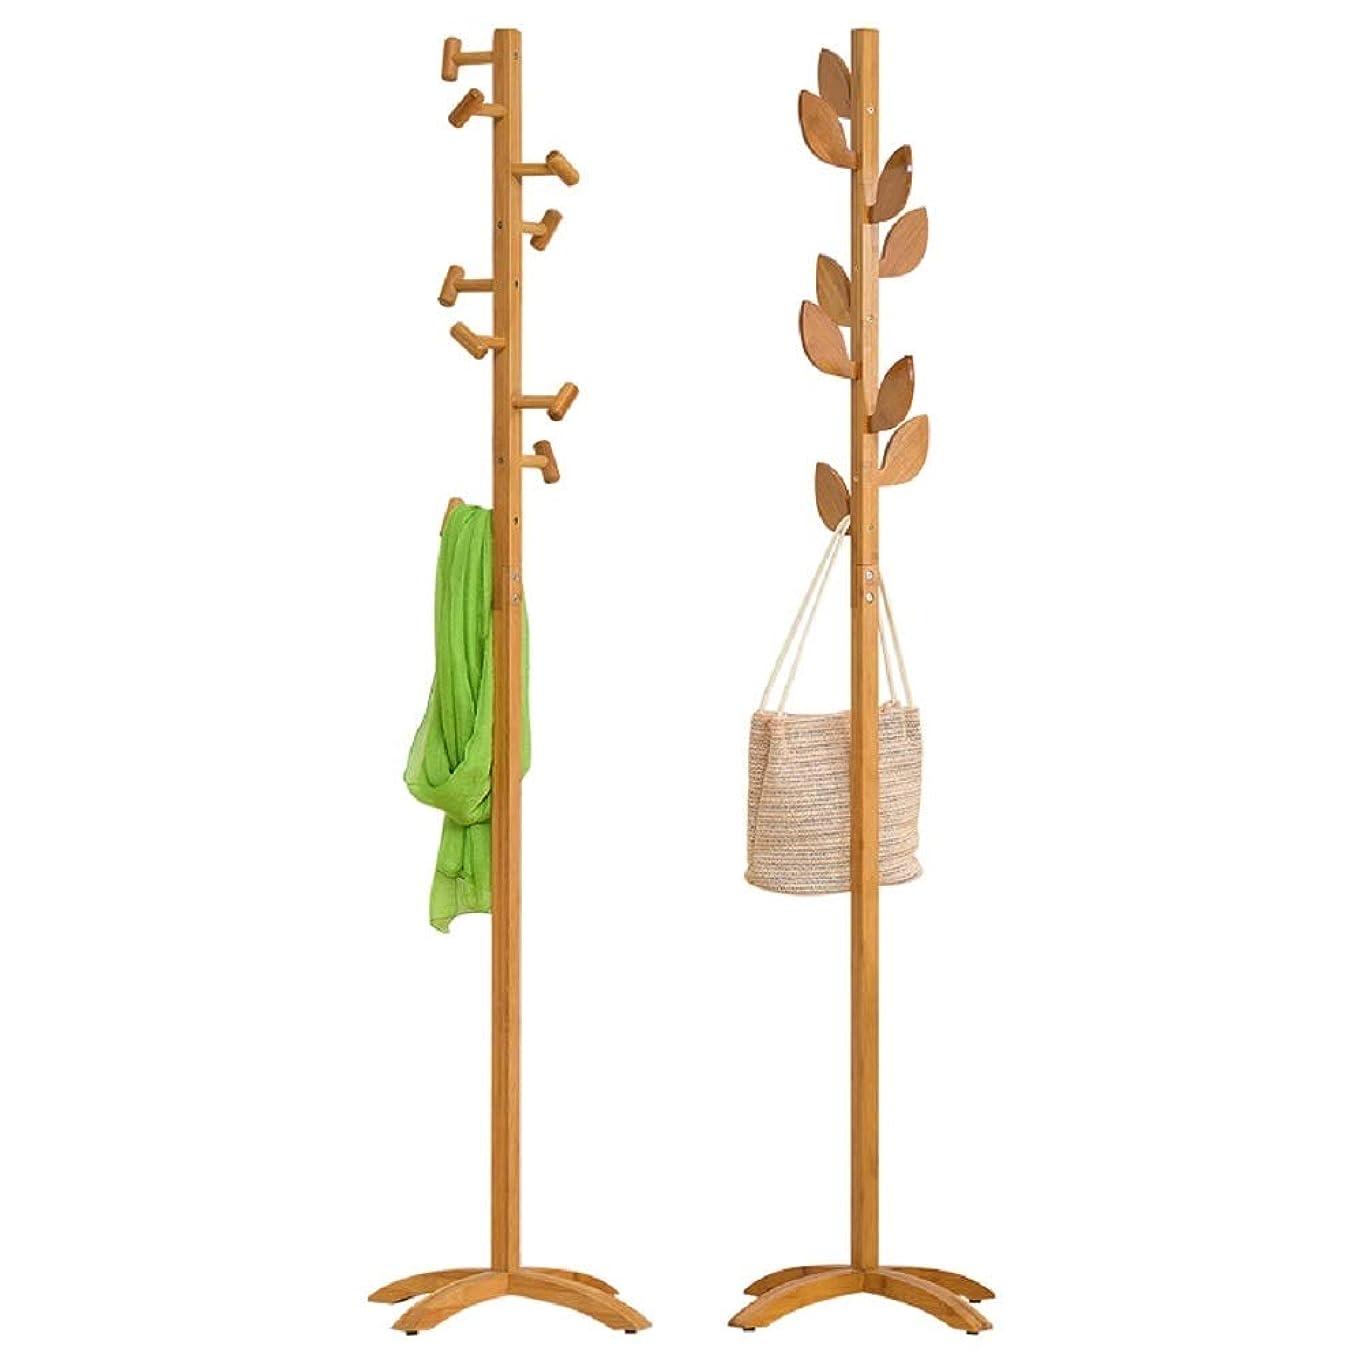 預言者却下するご飯コートラック 床の寝室のシンプルなハンガーウッドラックシンプルなモダンな単極 傘立て付きフロアキャップとコートラック (色 : Wood, パターン : A)